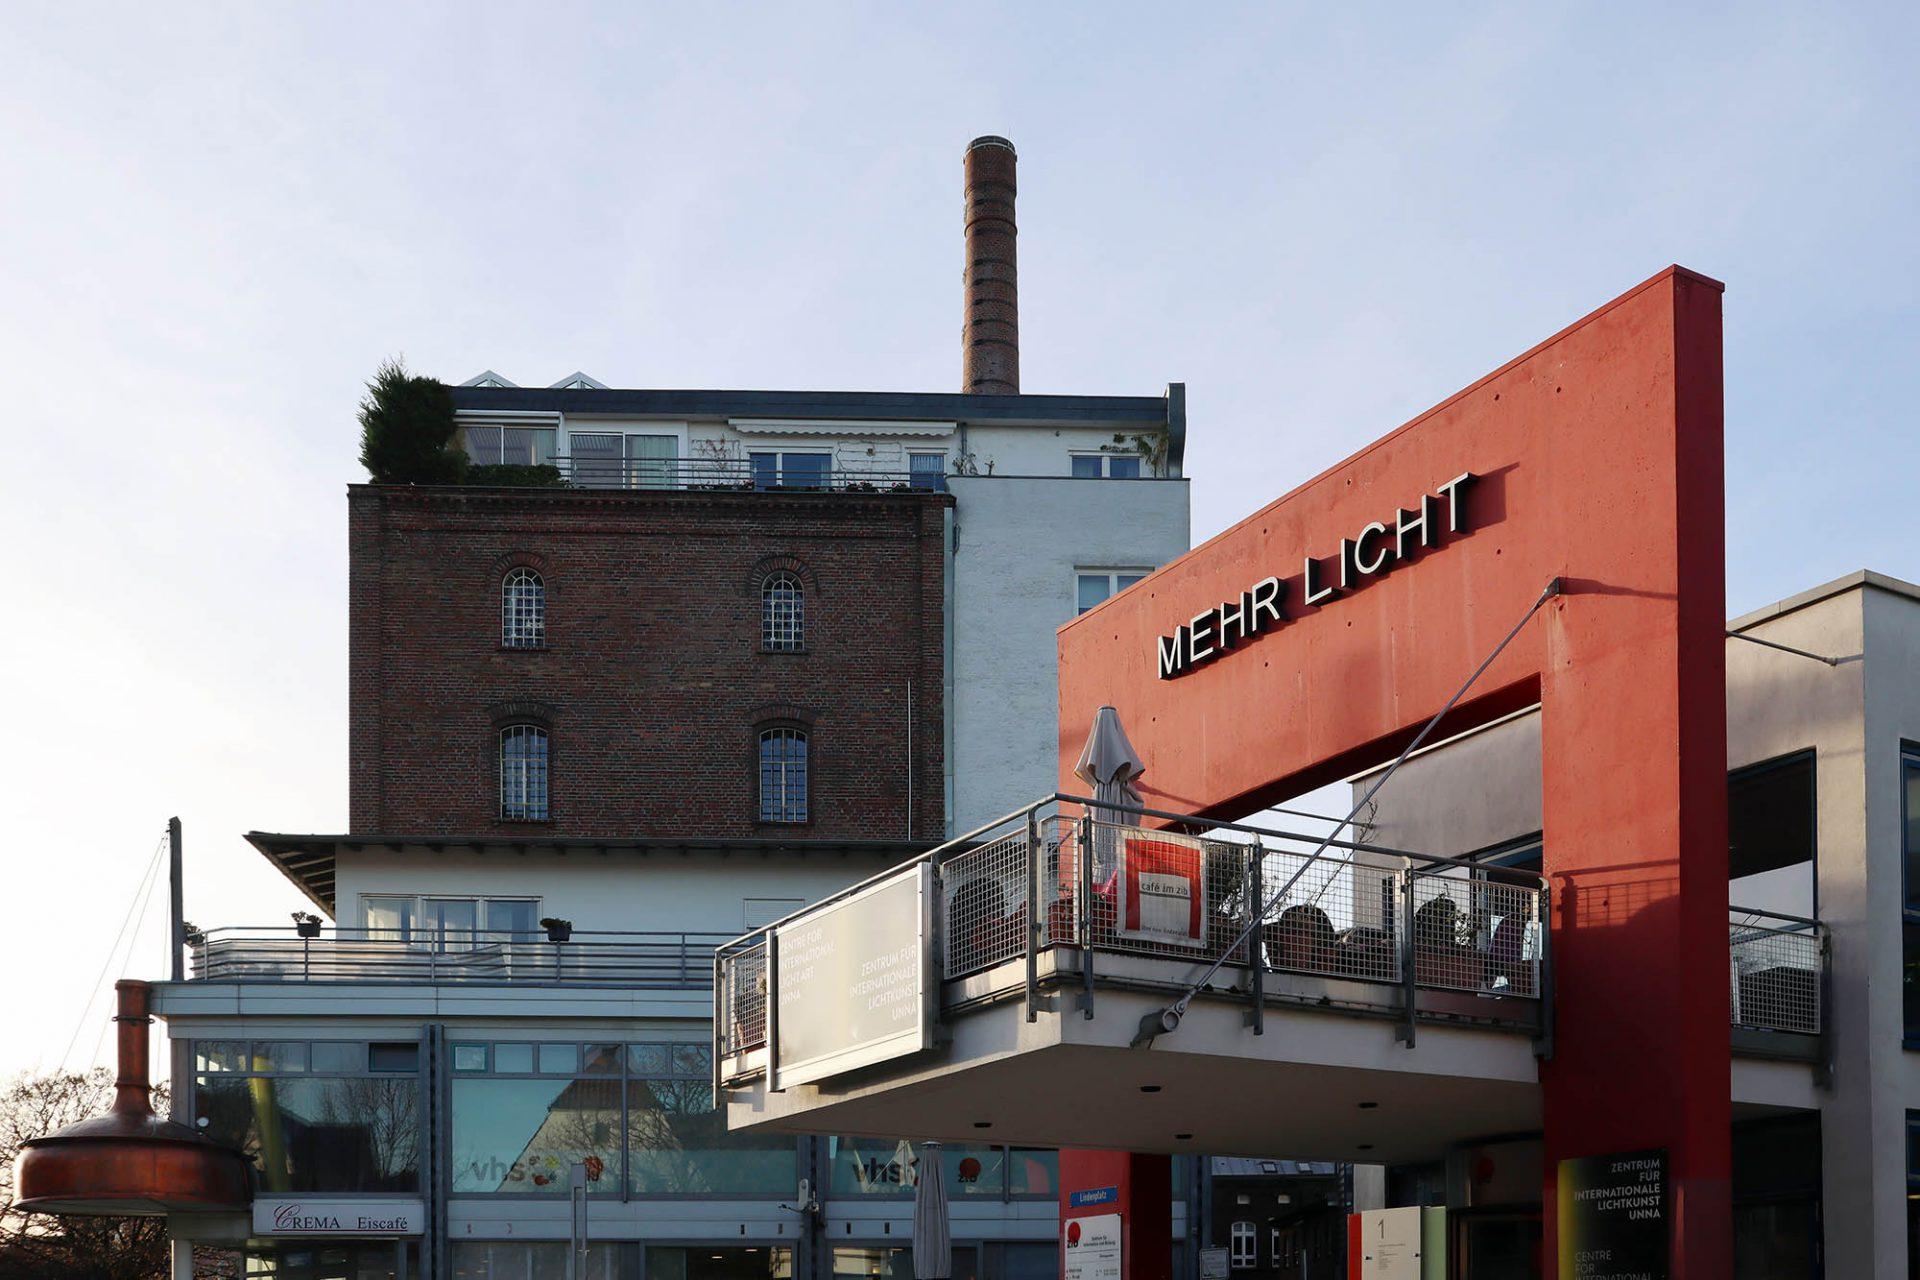 Zentrum für Internationale Lichtkunst. Aus der ehemaligen Lindenbrauerei wurde ab 1991 das Zentrum für Information und Bildung. Die Ausstellungsräume für internationale Lichtkunst gibt es seit 2001.